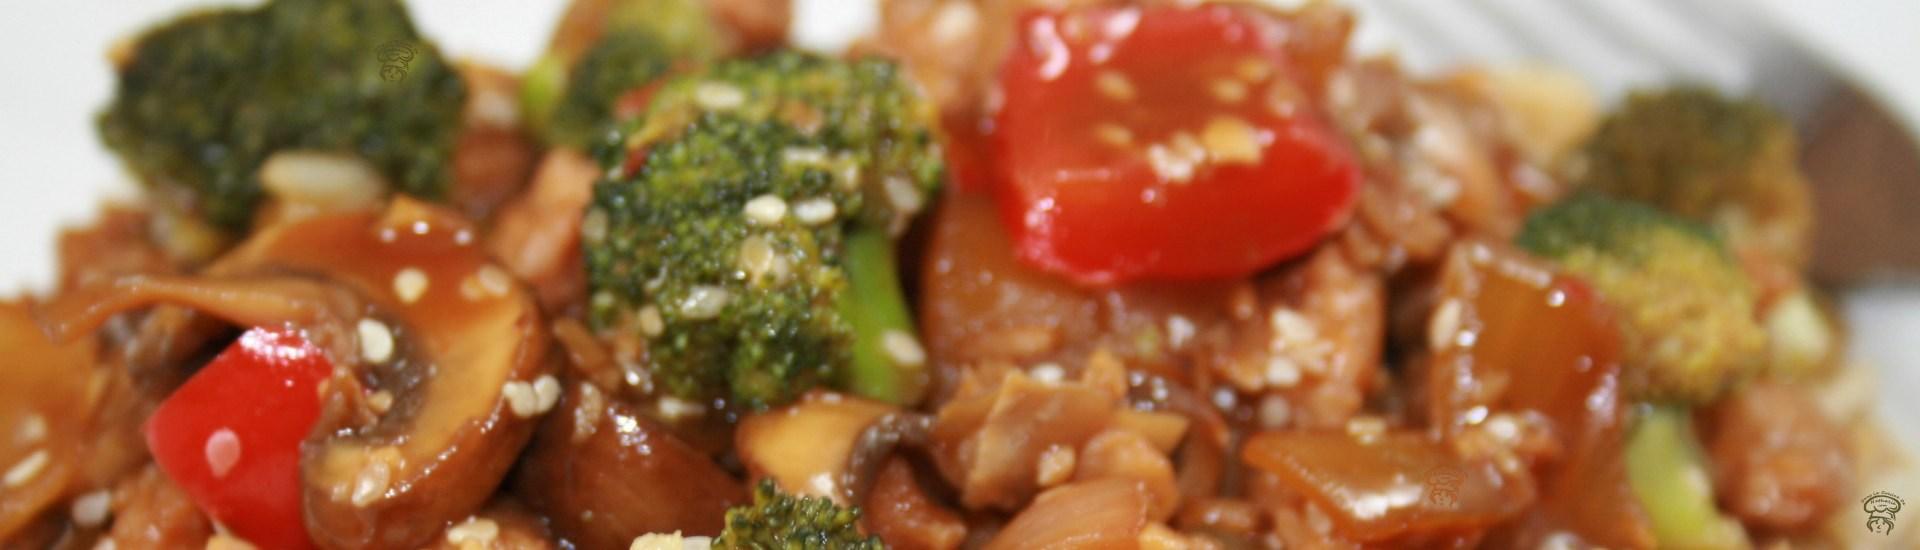 Sauté de brocoli, champignons et protéines de soja à l'asiatique